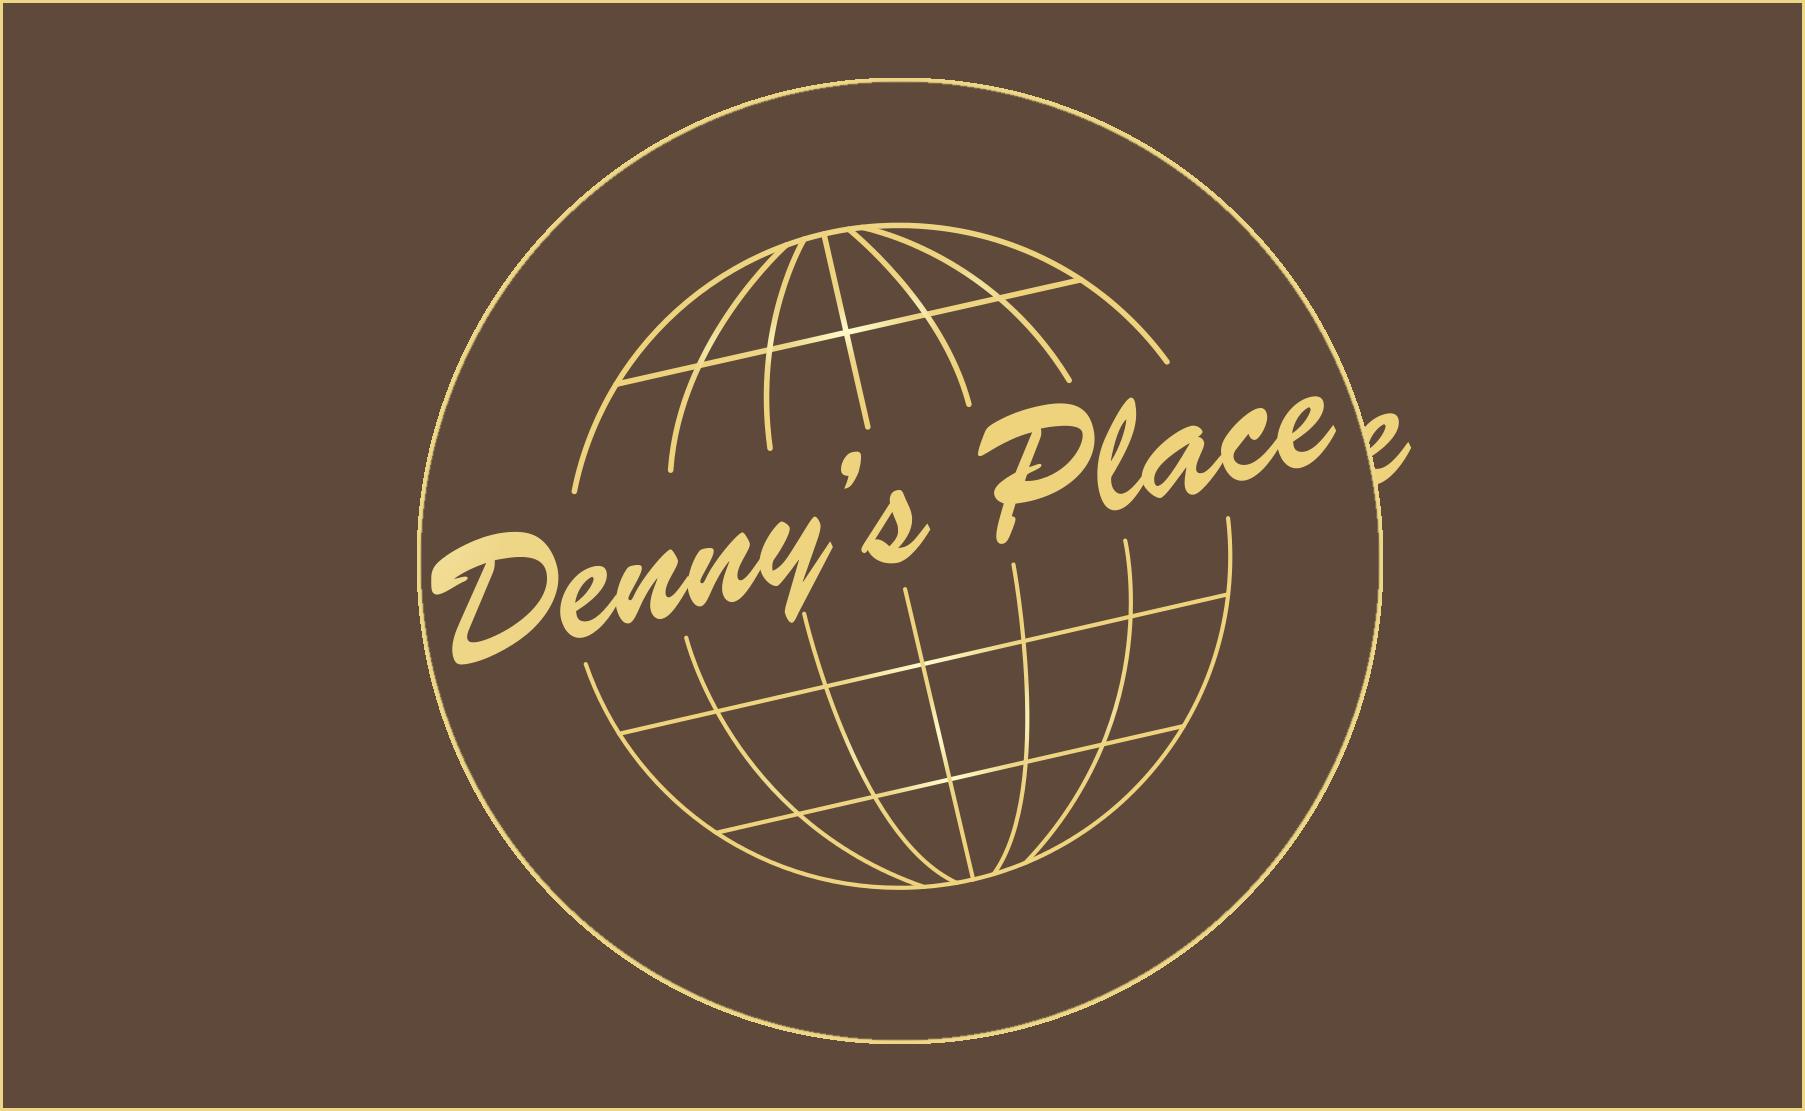 Denny's place